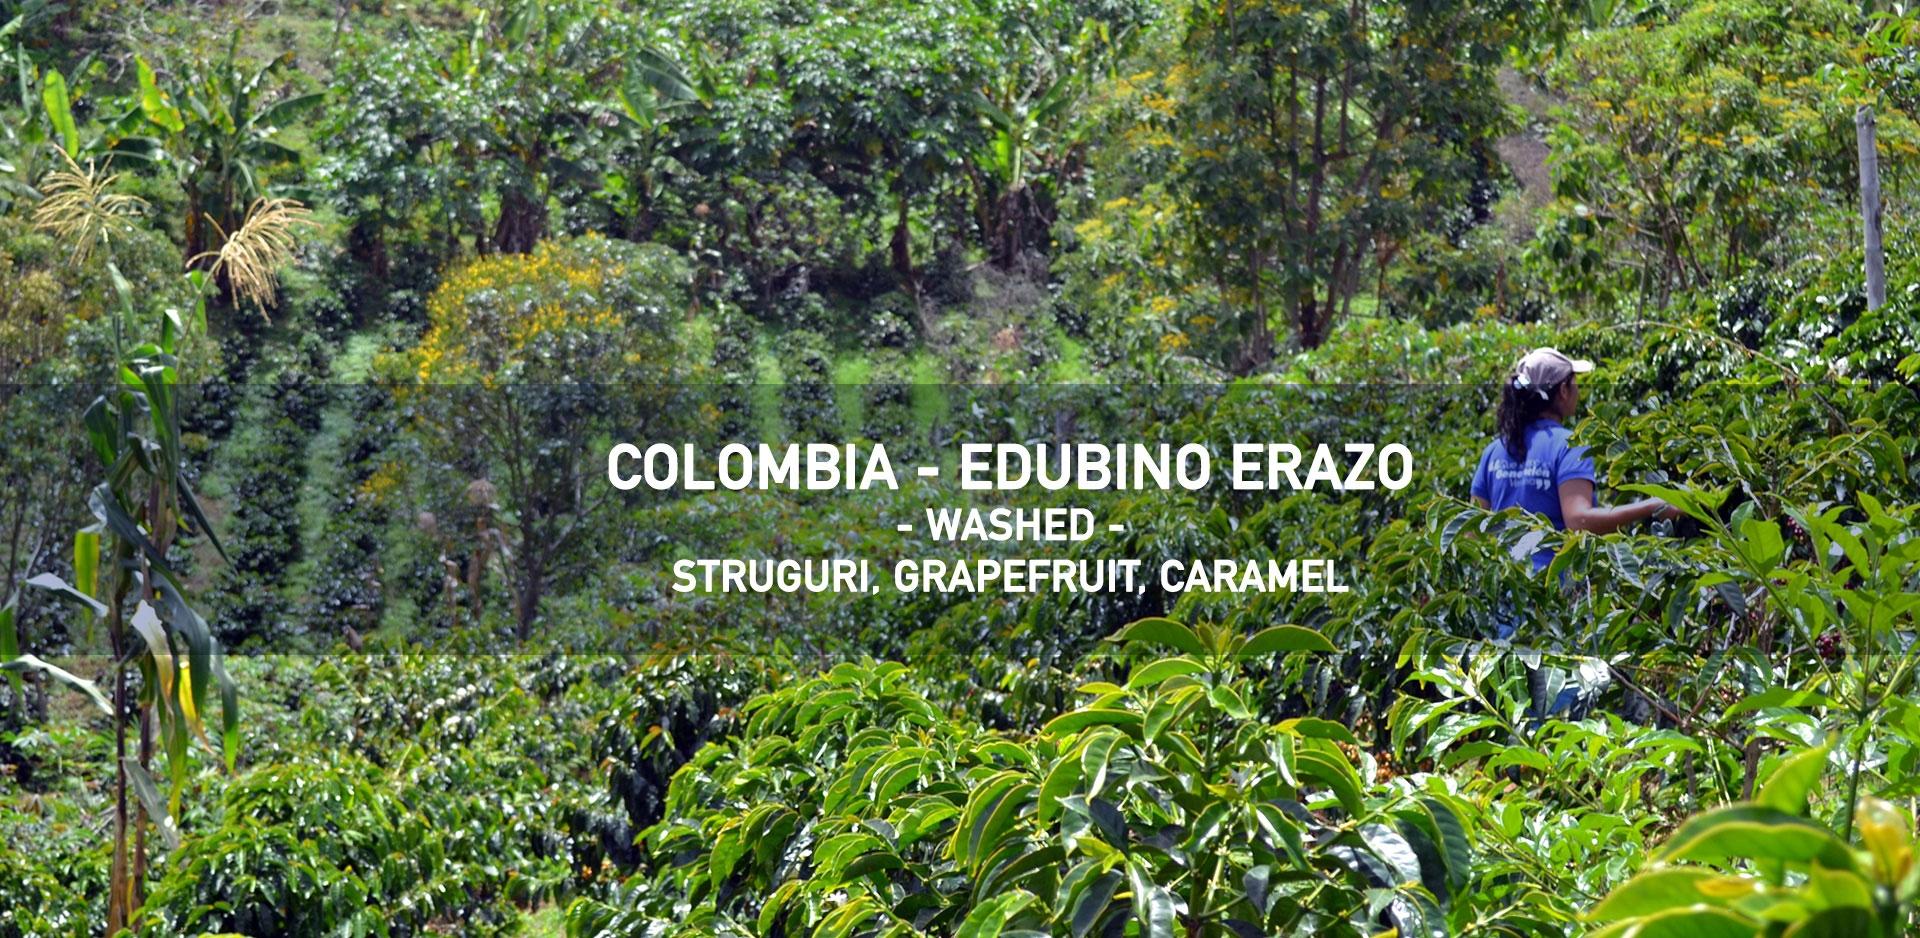 Colombia Edubino Erazo